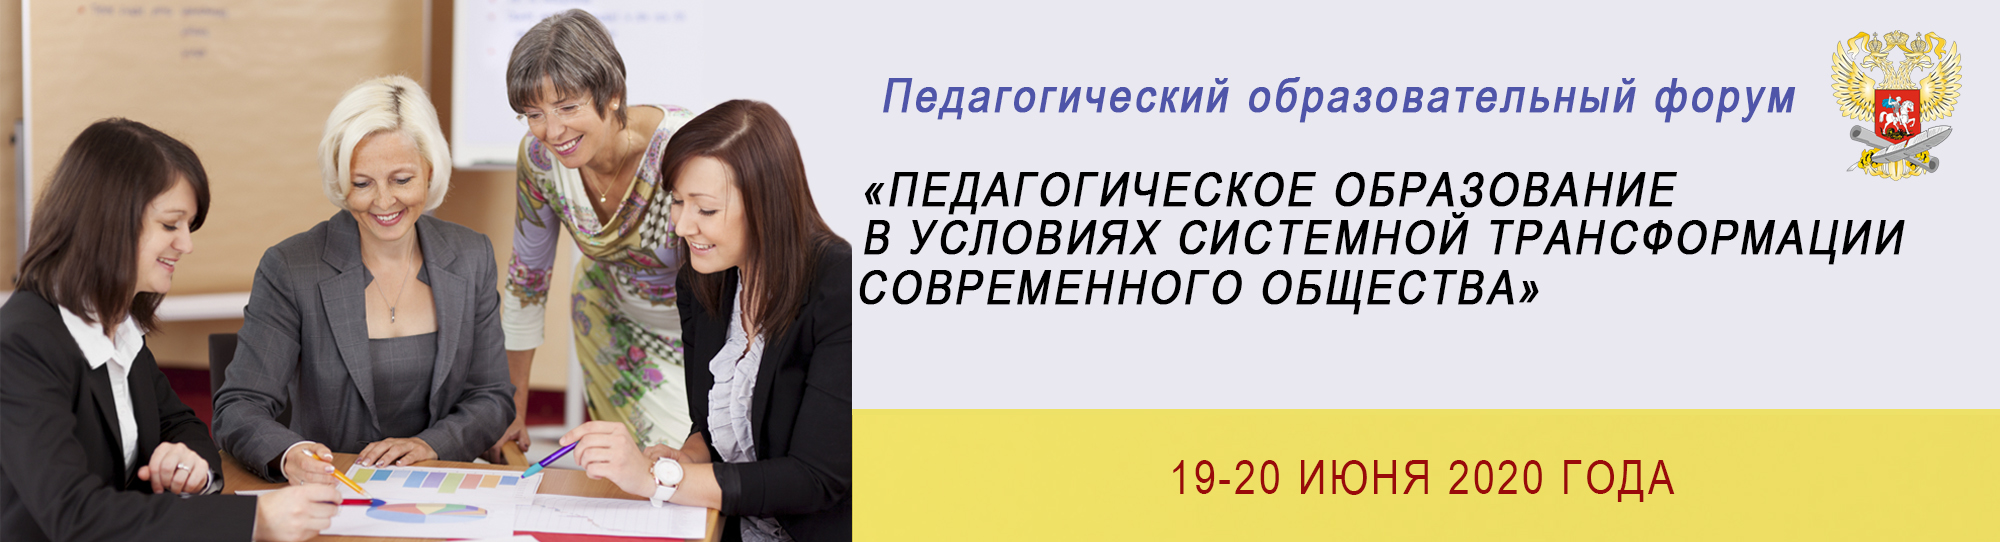 Баннер-Педагогический-Образовательный-Форум-1